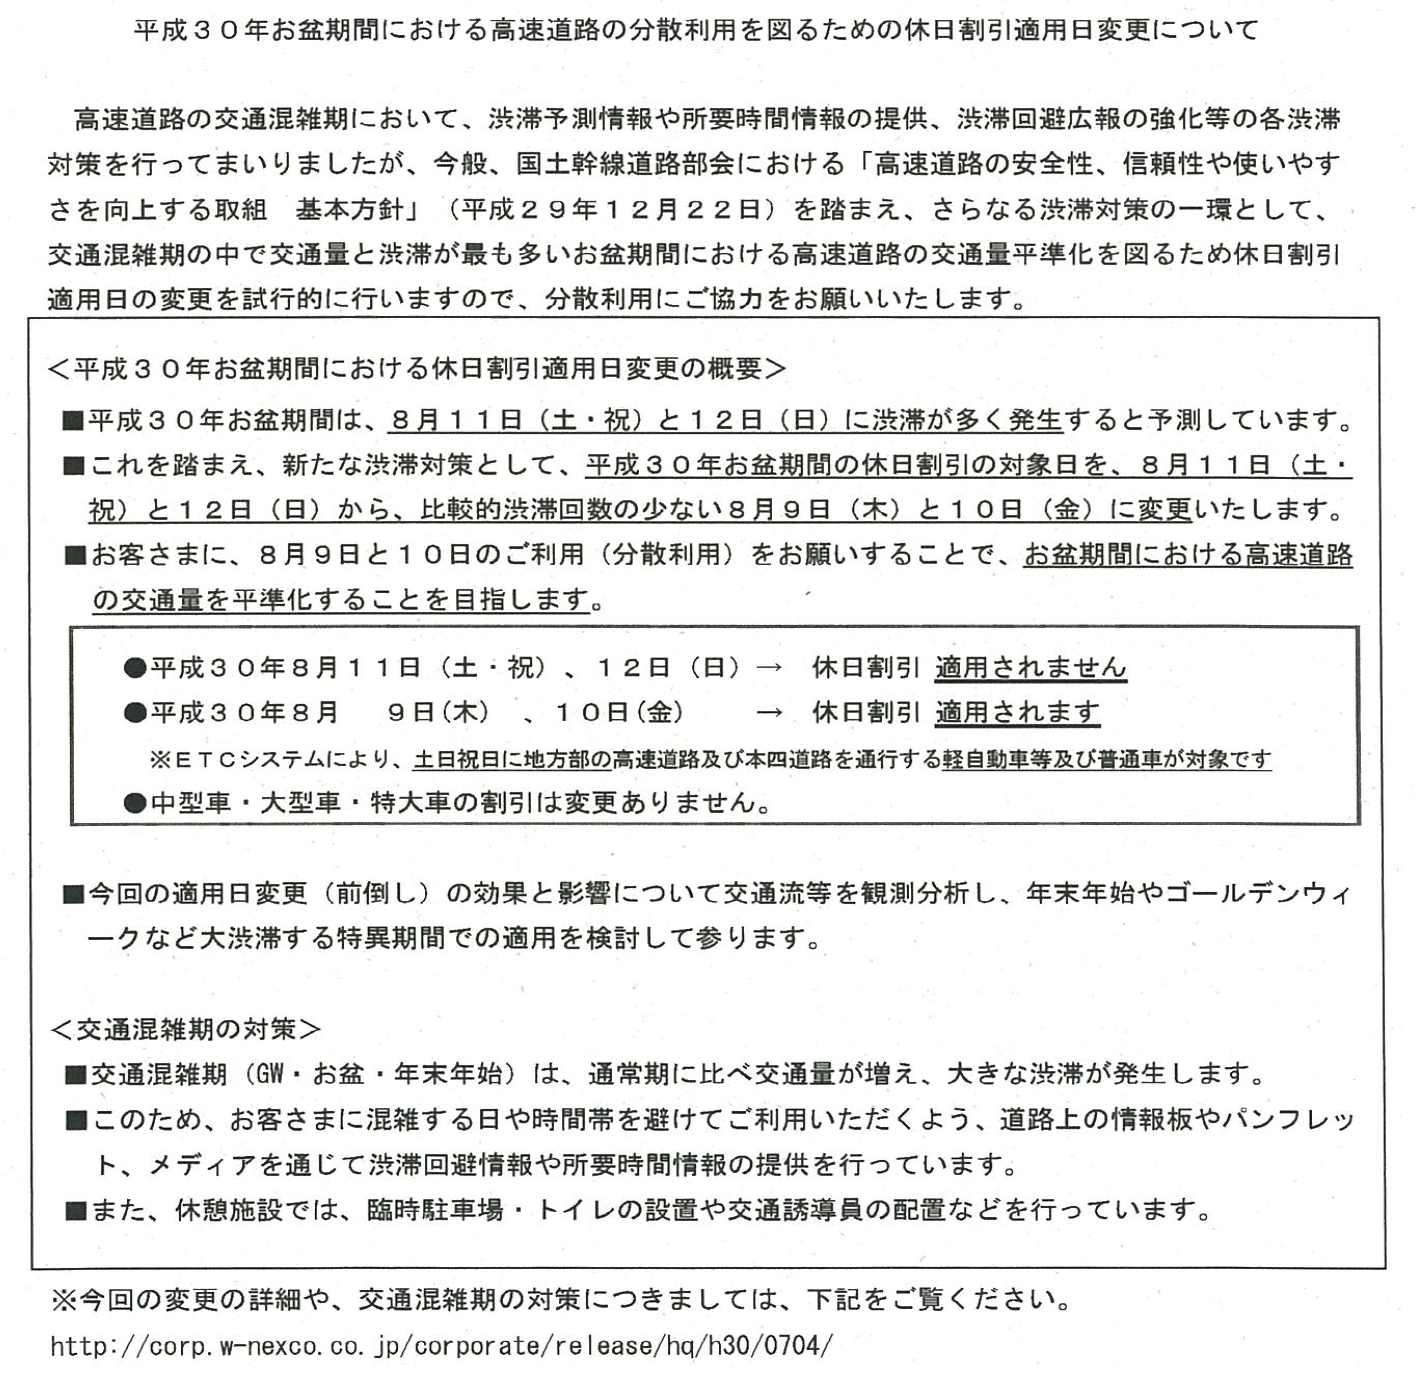 平成30年お盆期間の休日割引適用日変更について